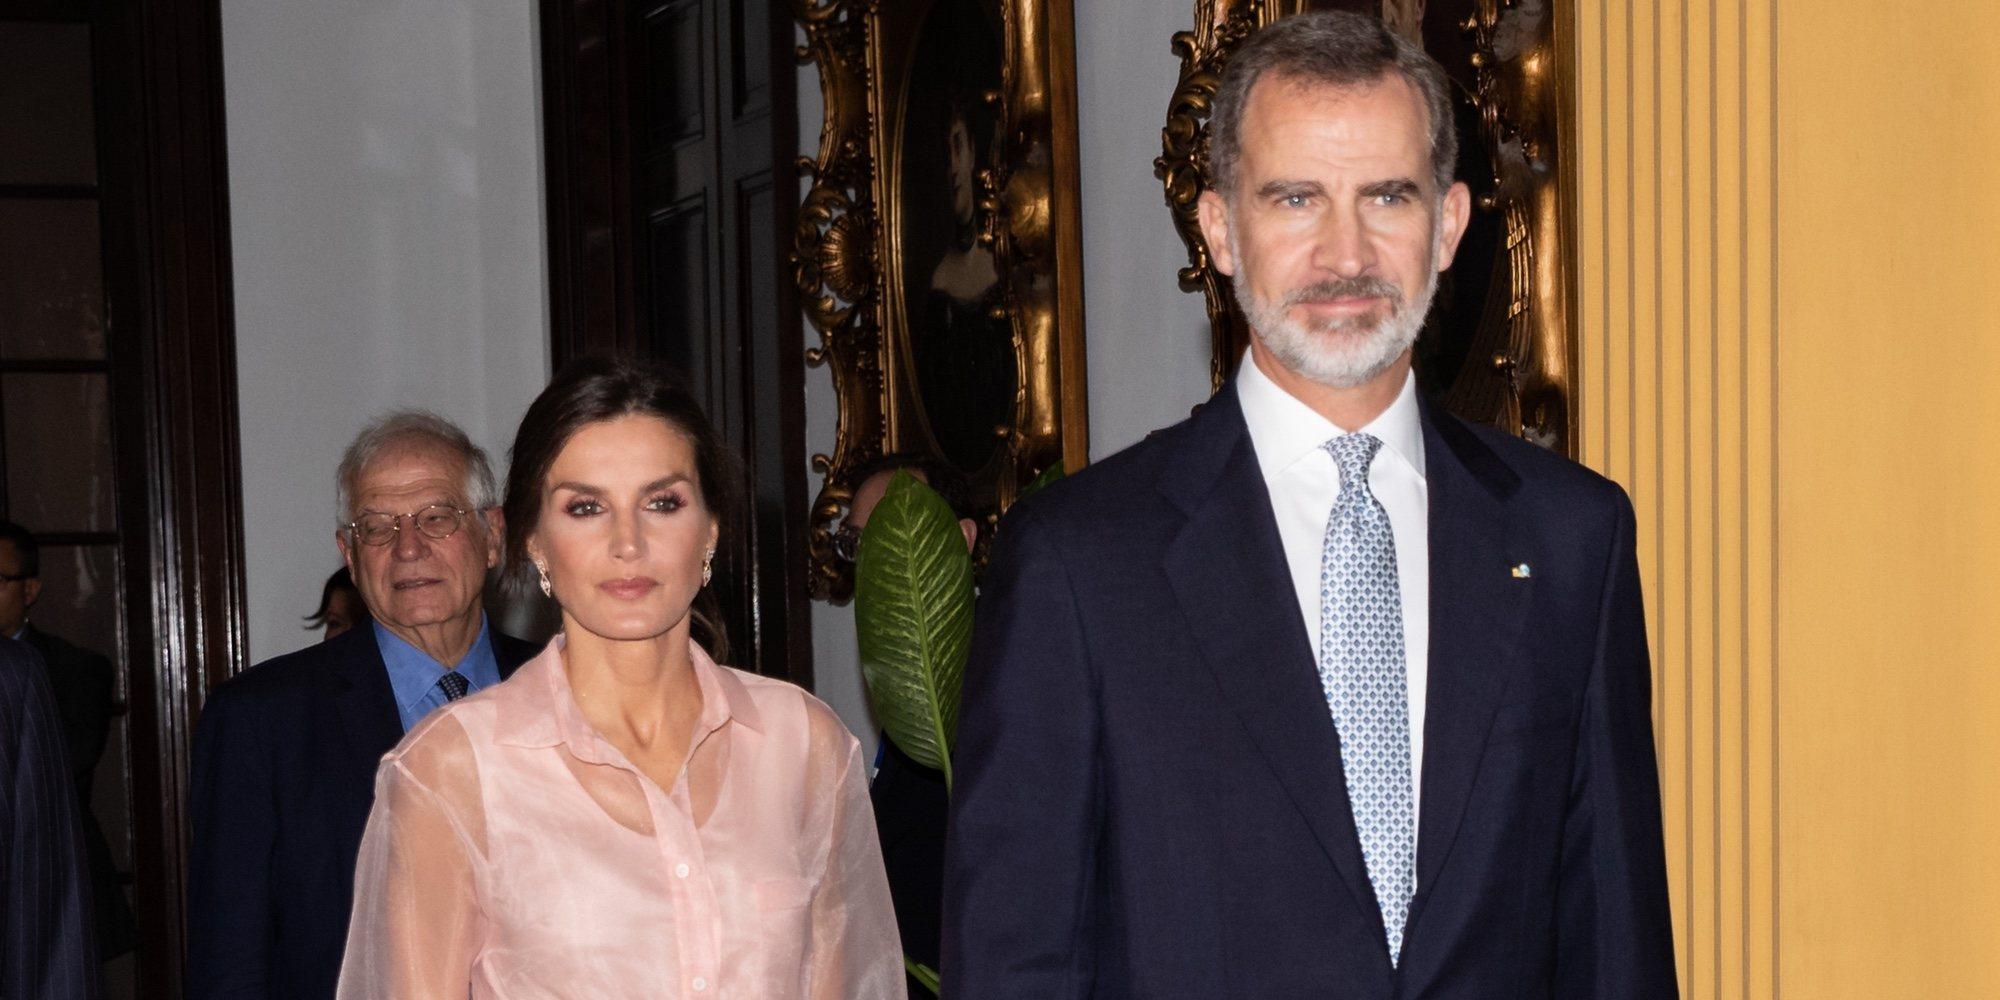 Visita de Estado a Cuba: El discurso sobre derechos humanos y democracia del Rey Felipe y la discreción de la Reina Letizia